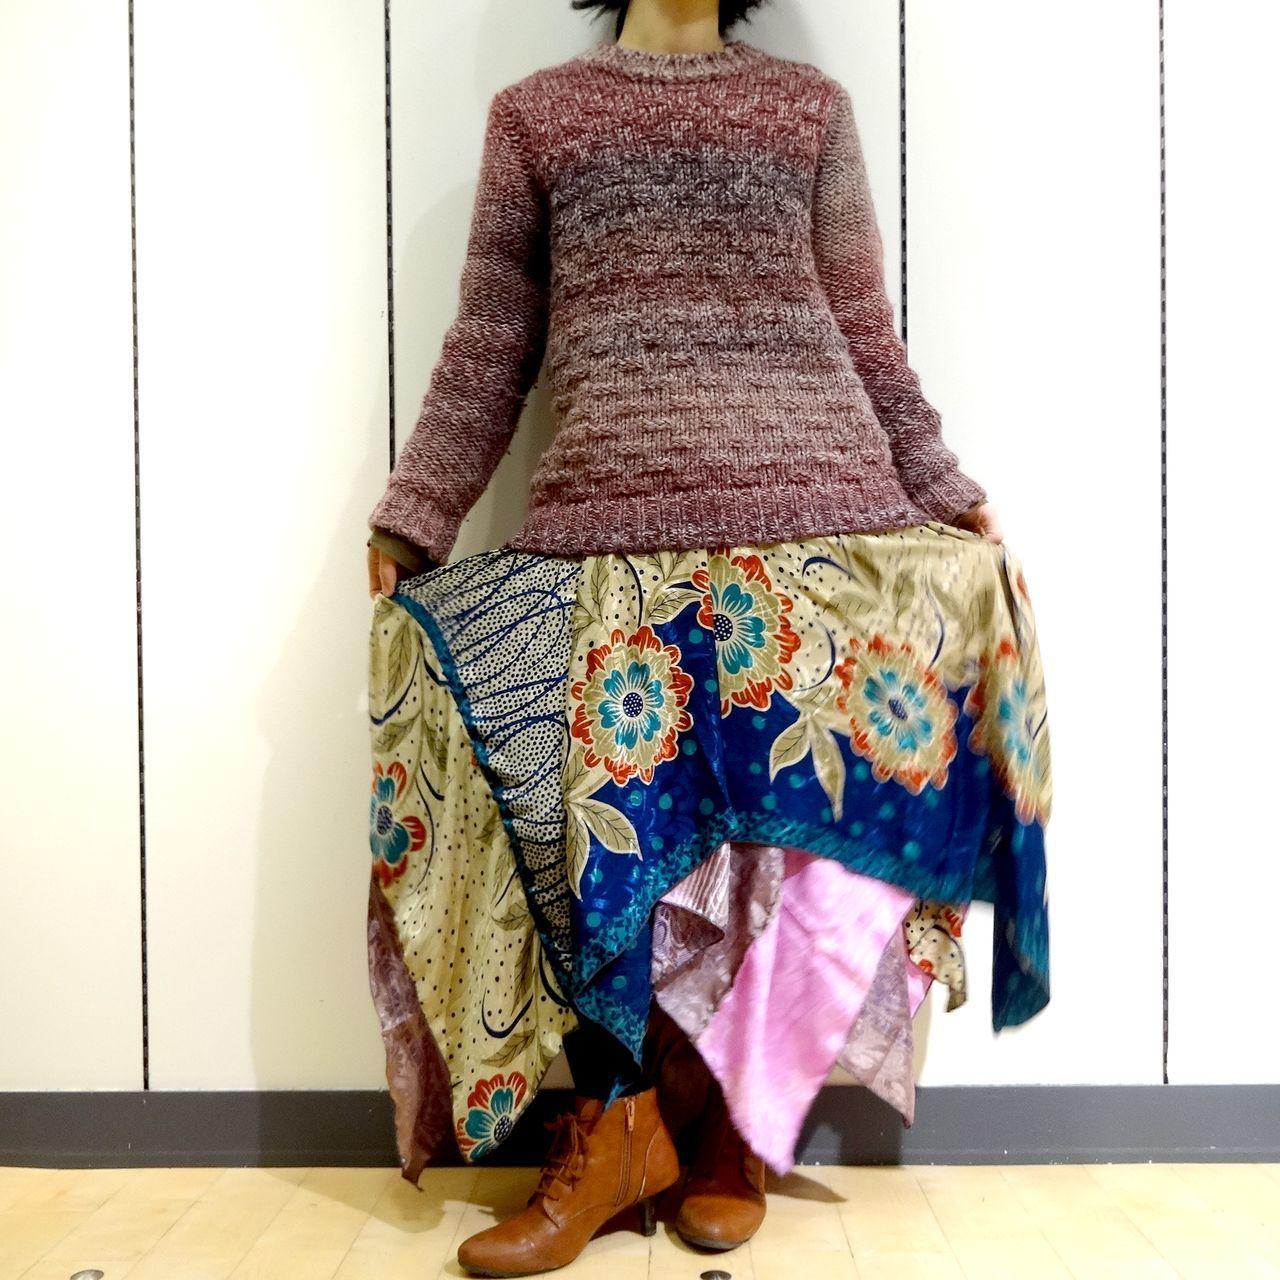 vdsz-008 ビンテージシルクサリーギザスカート「織姫恋歌(エレジー)」